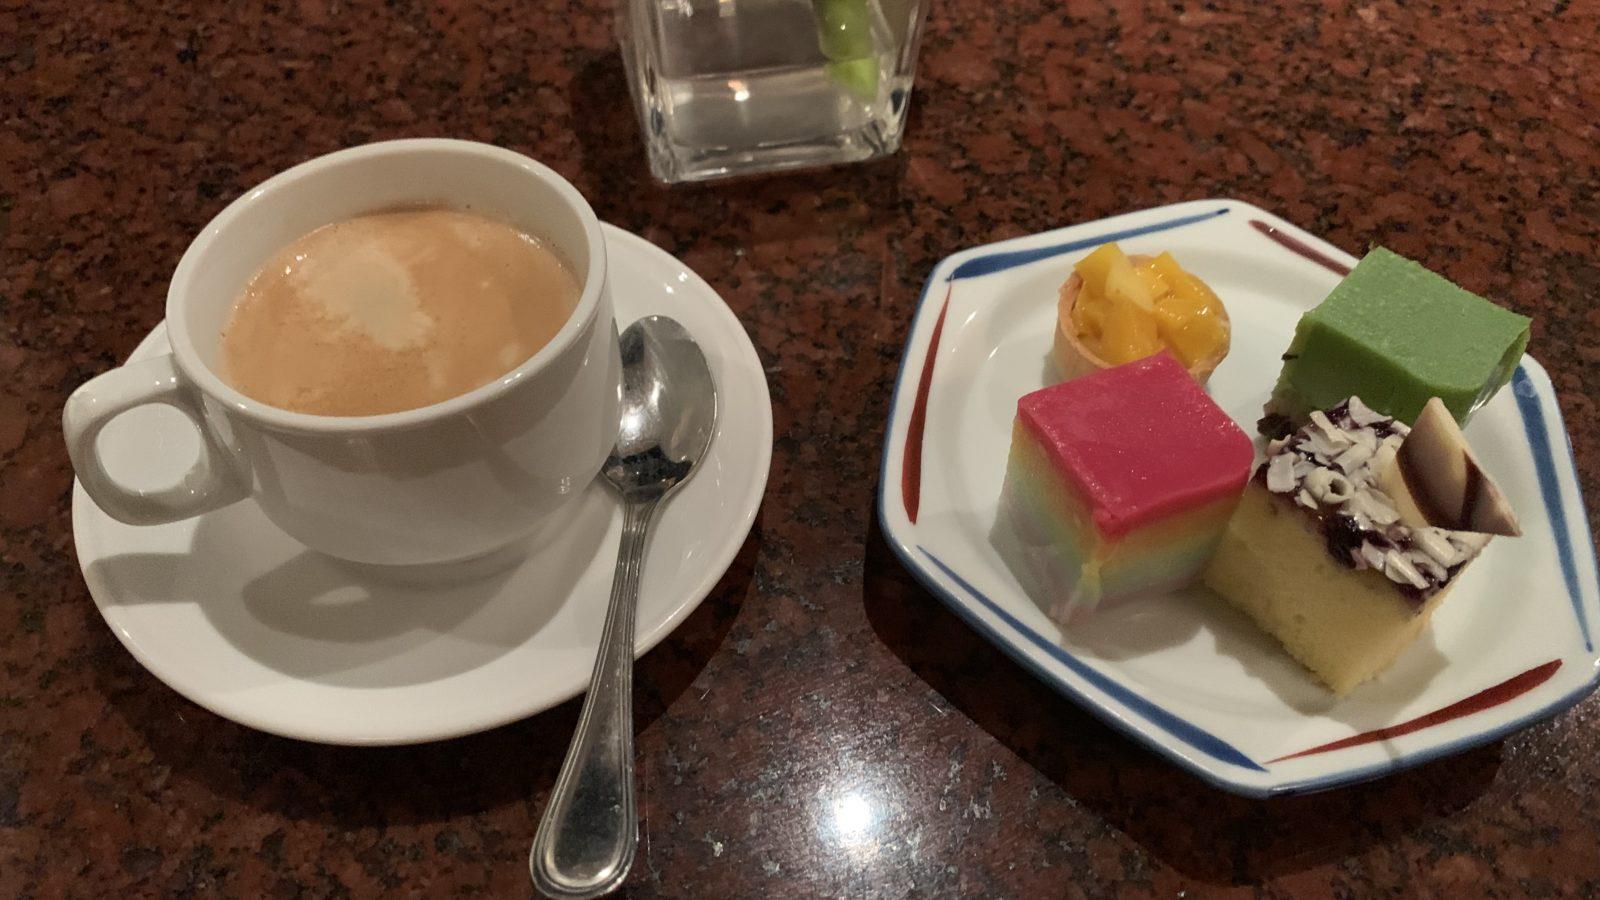 イスタナホテルクアラルンプール-ケーキとコーヒー